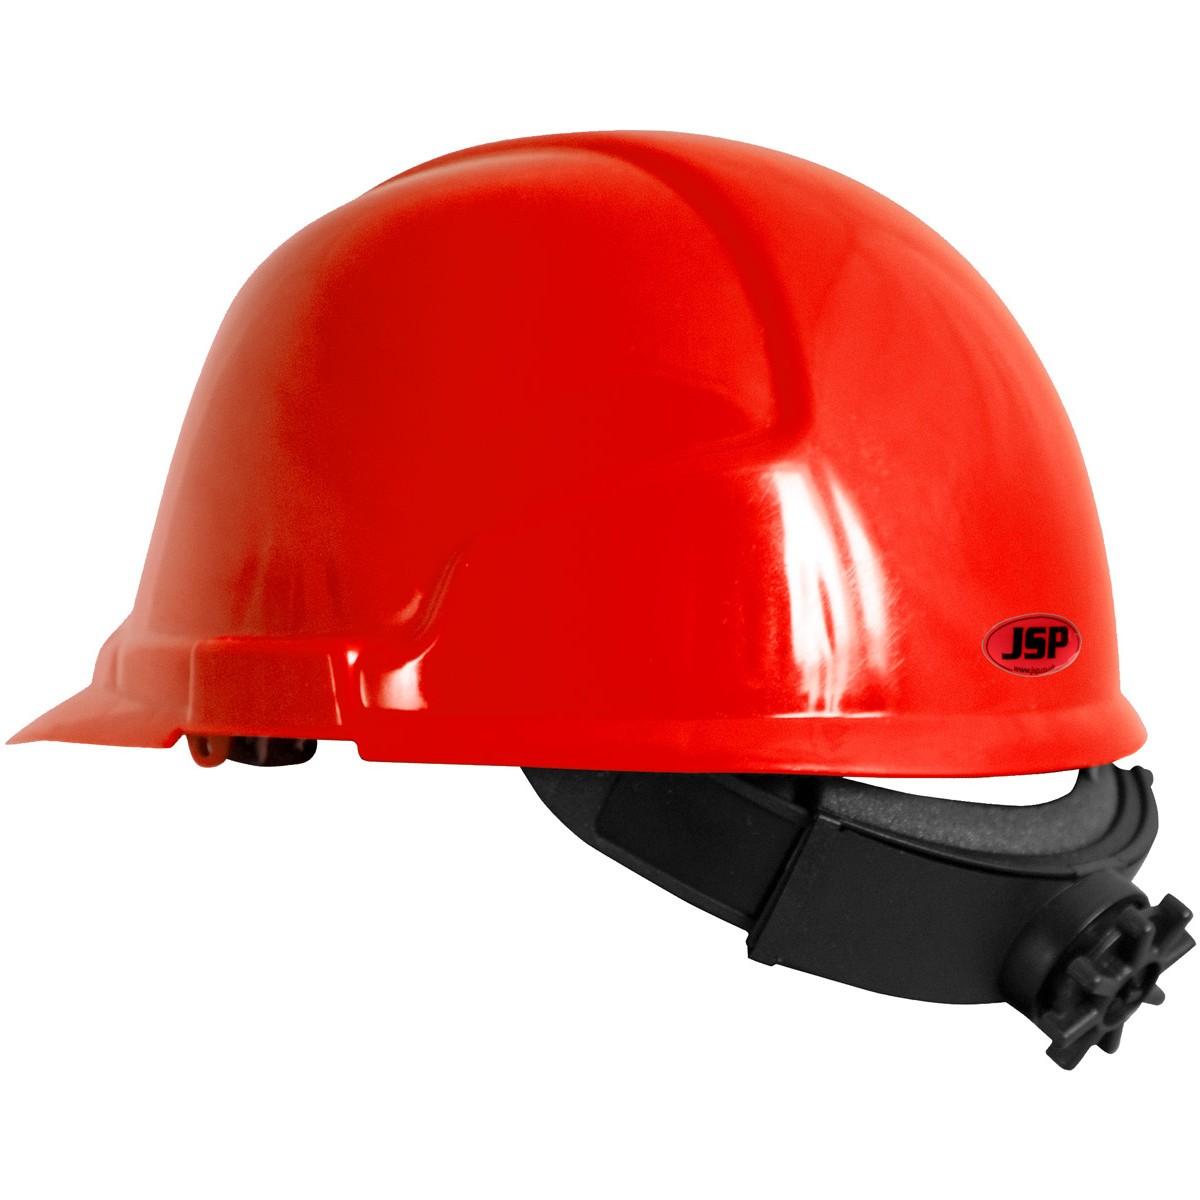 jsp comfort plus 5151 hard hat ratchet suspension red. Black Bedroom Furniture Sets. Home Design Ideas